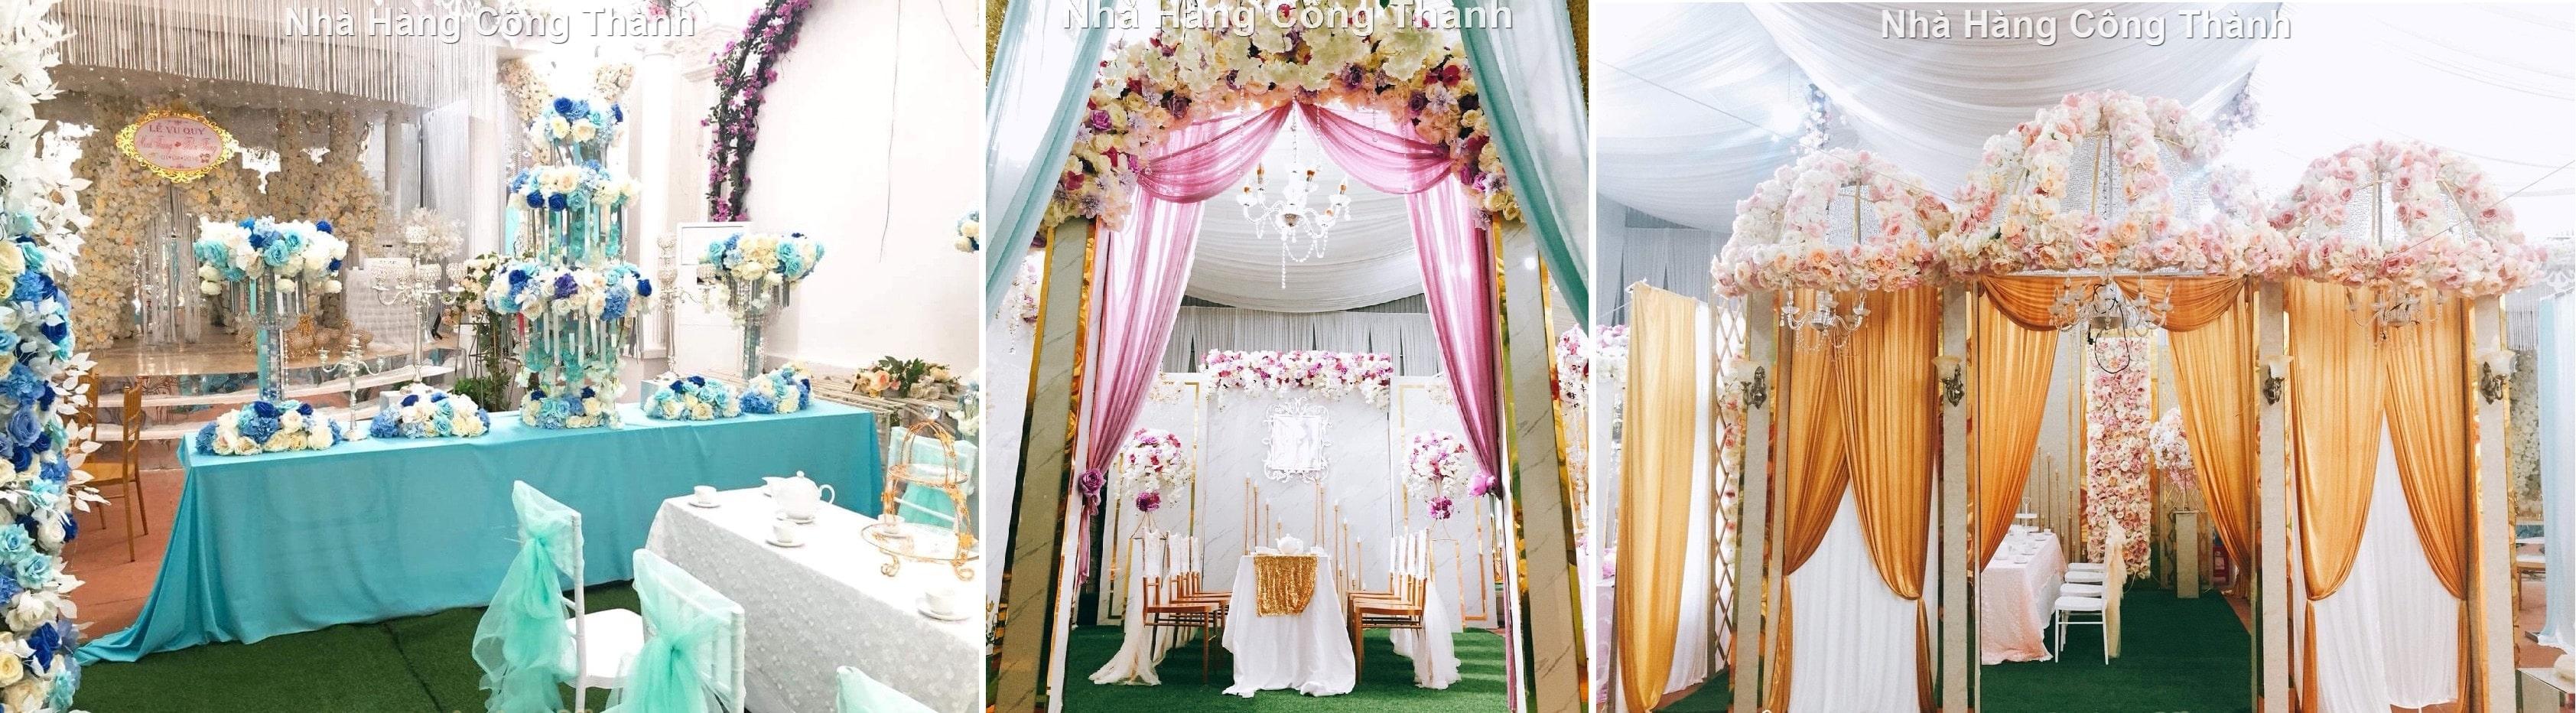 Nhà Hàng Tiệc Cưới Công Thành - nhà hàng tiệc cưới đẹp nhất Thị trấn Cao Lộc, Lạng Sơn